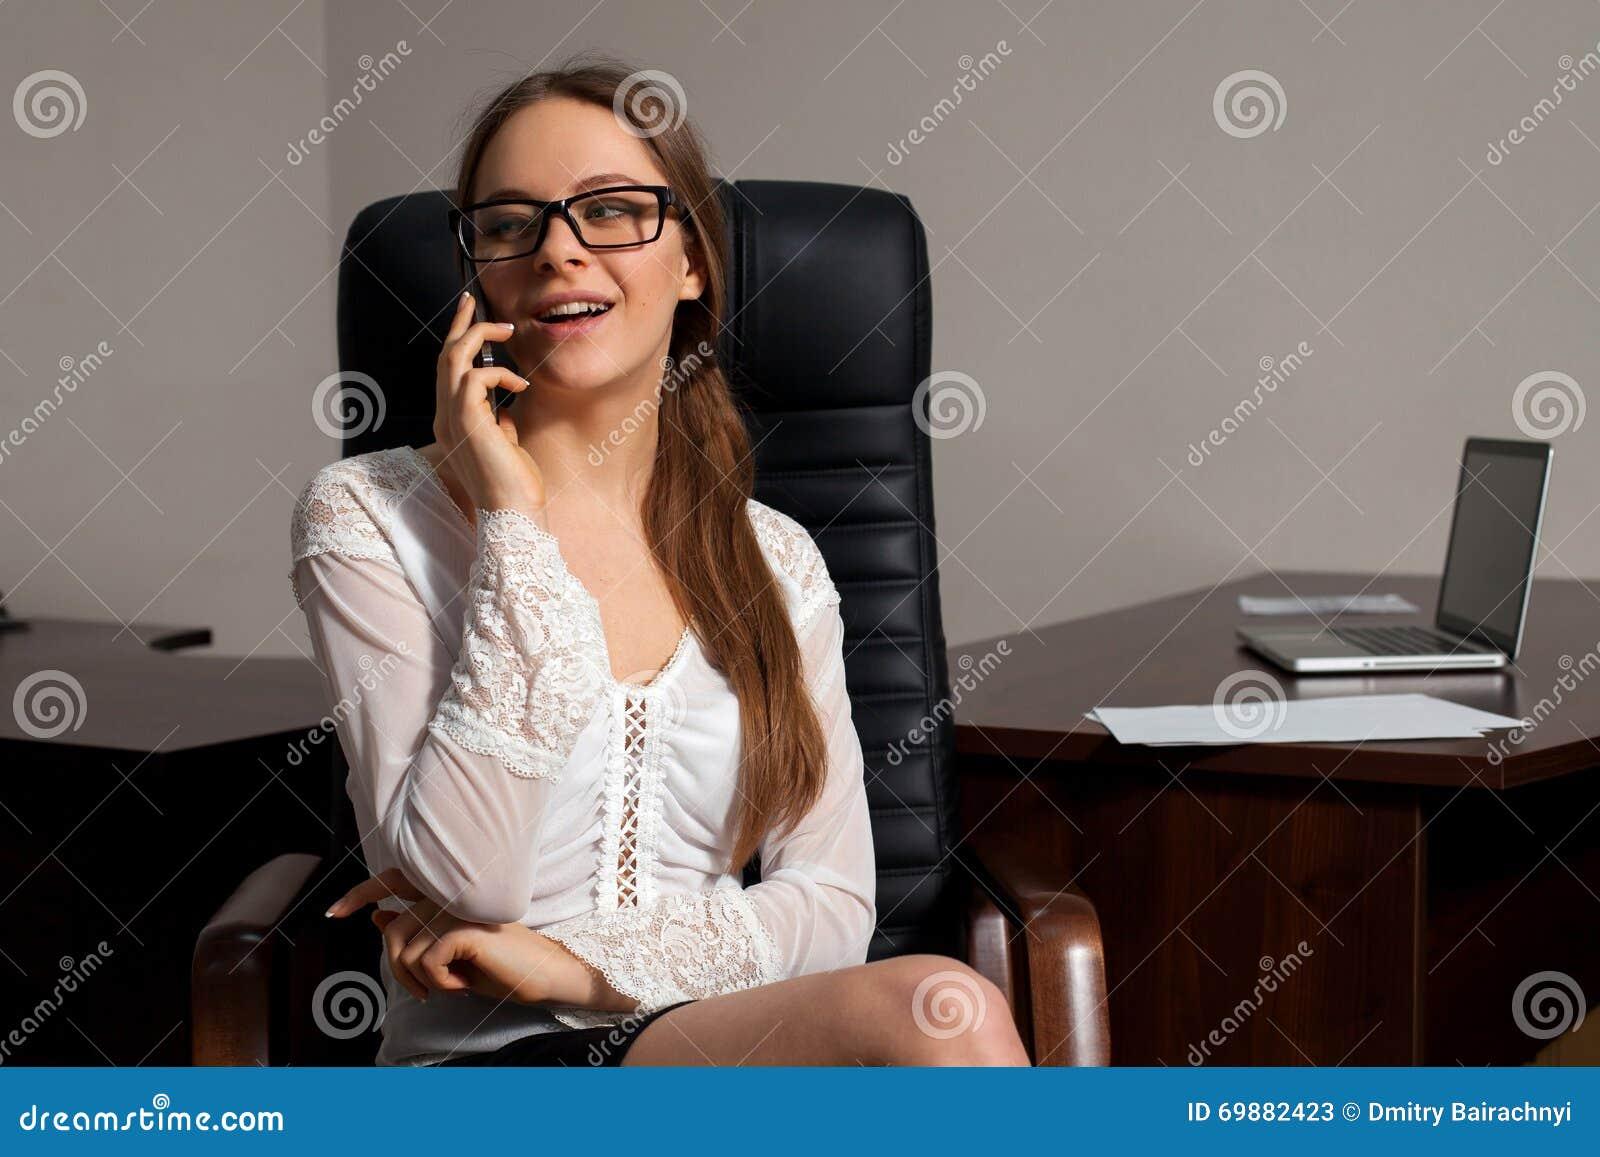 Секретарша в офисе скачать фото 328-229